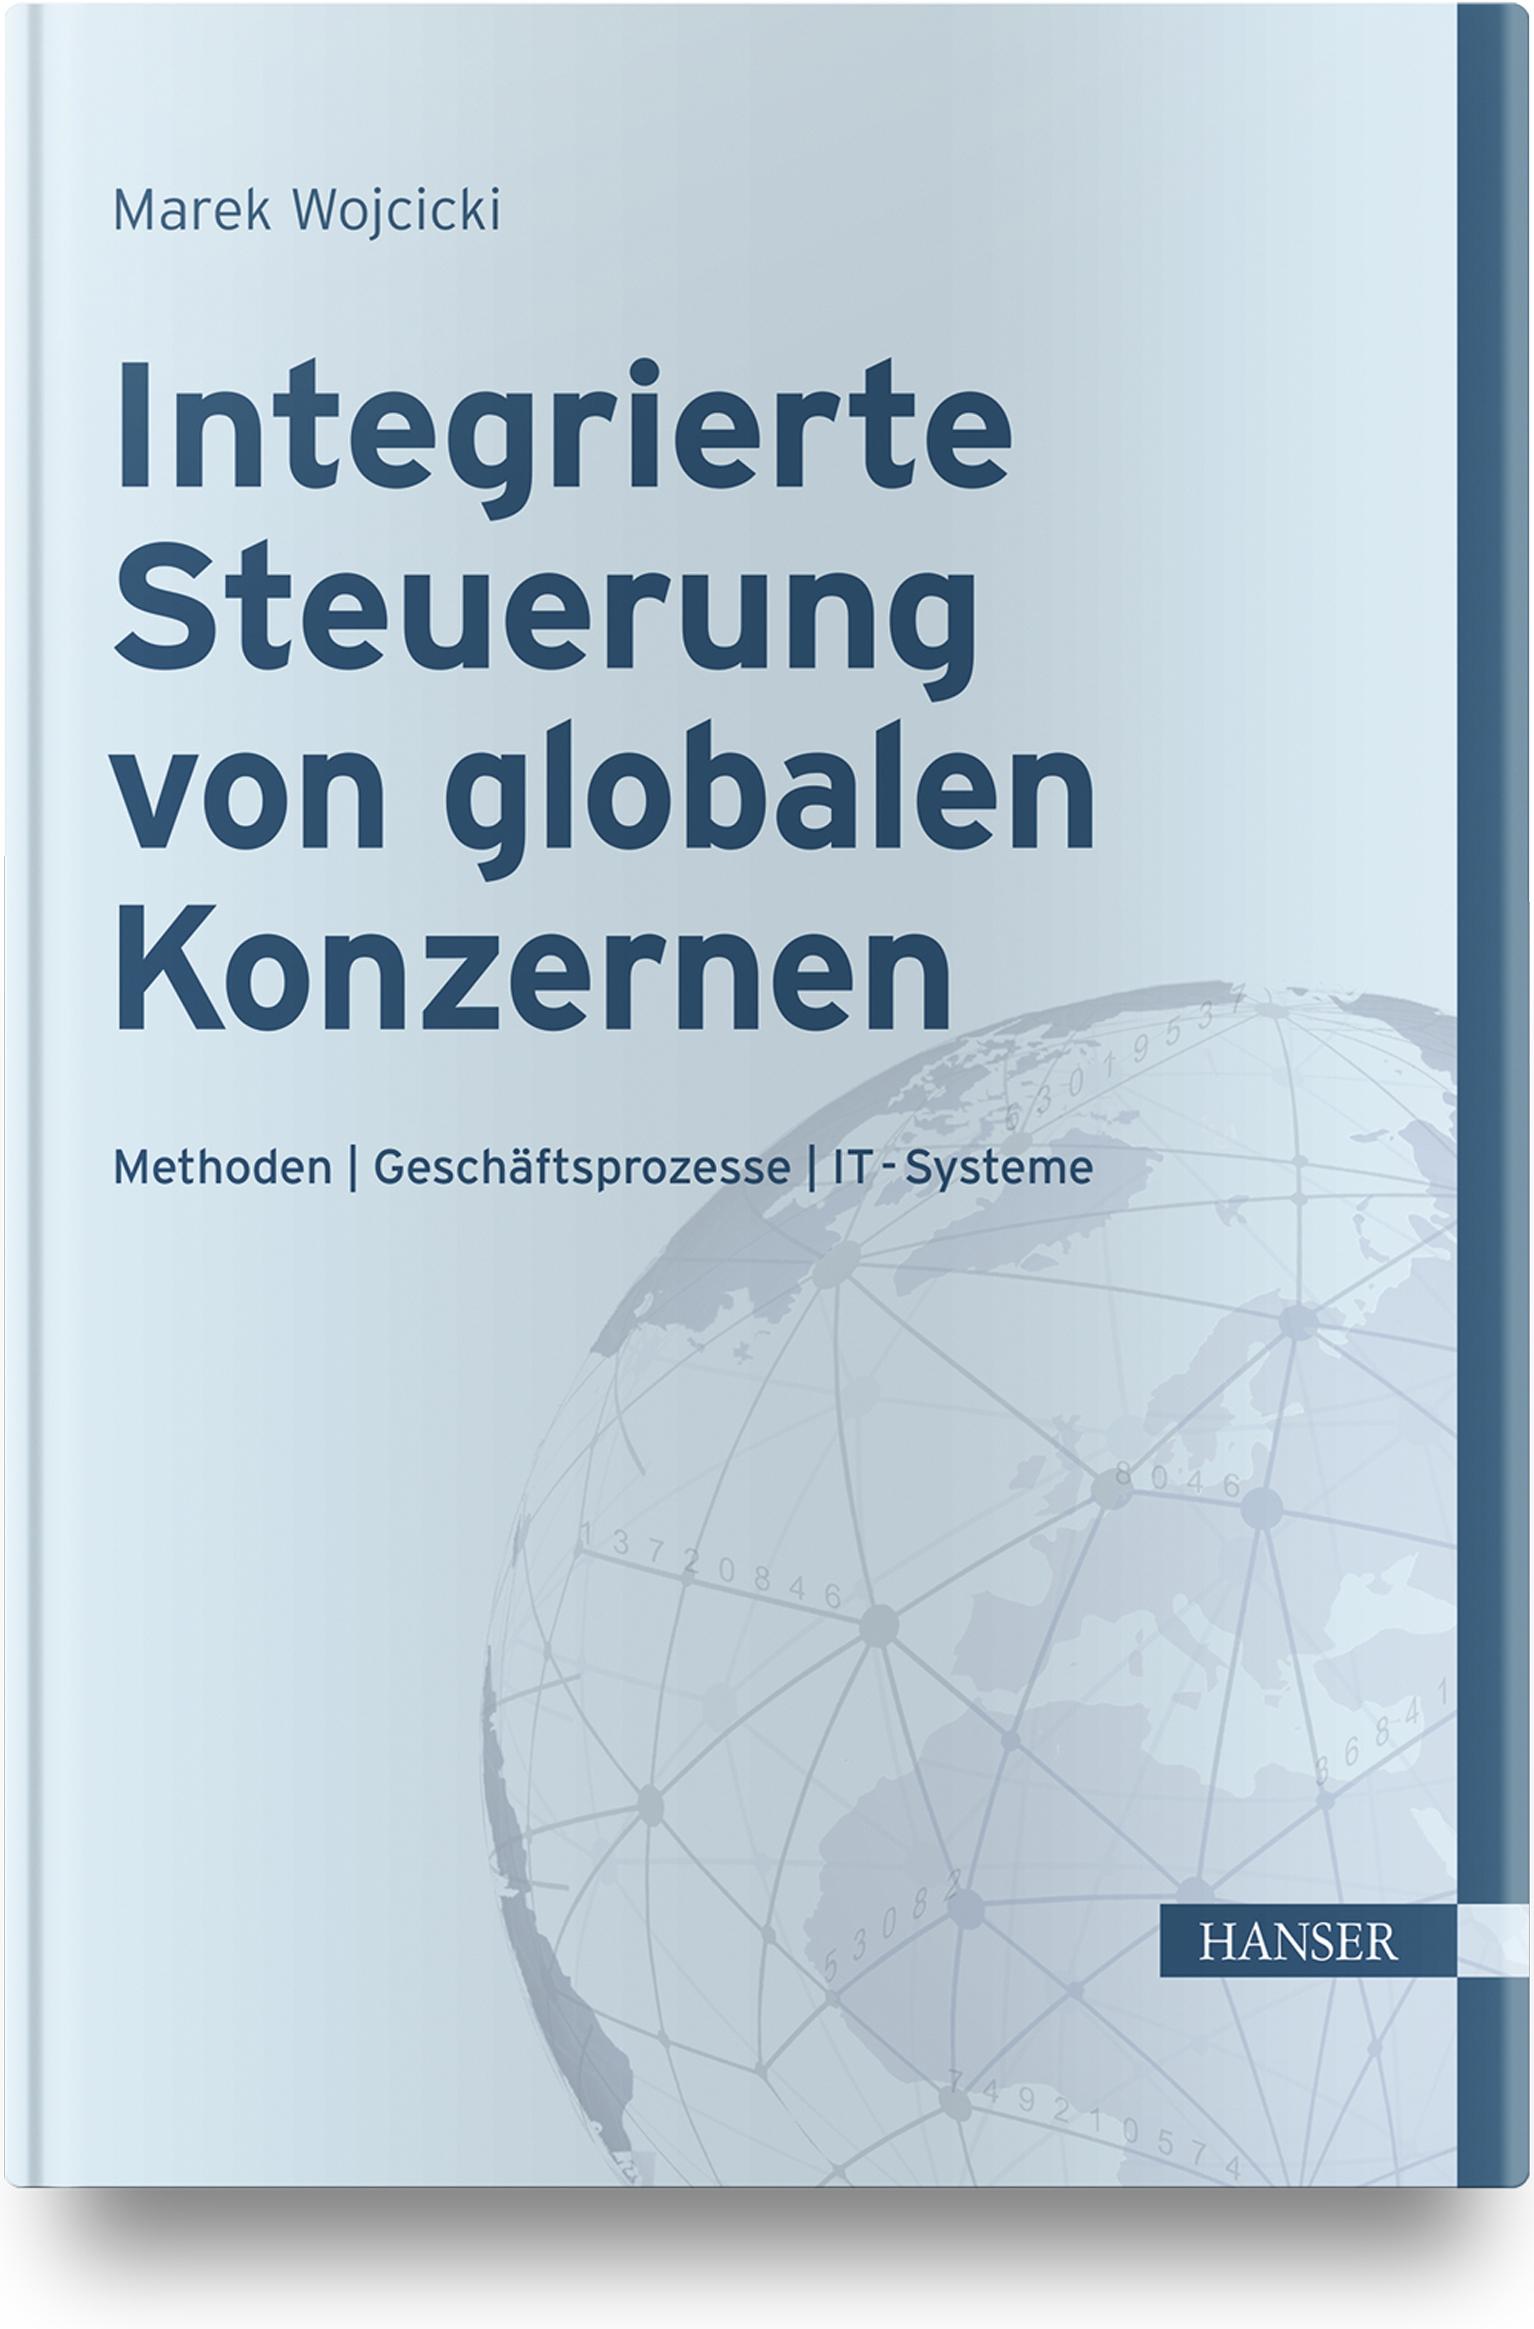 Wojcicki, Integrierte Steuerung von globalen Konzernen, 978-3-446-46141-3